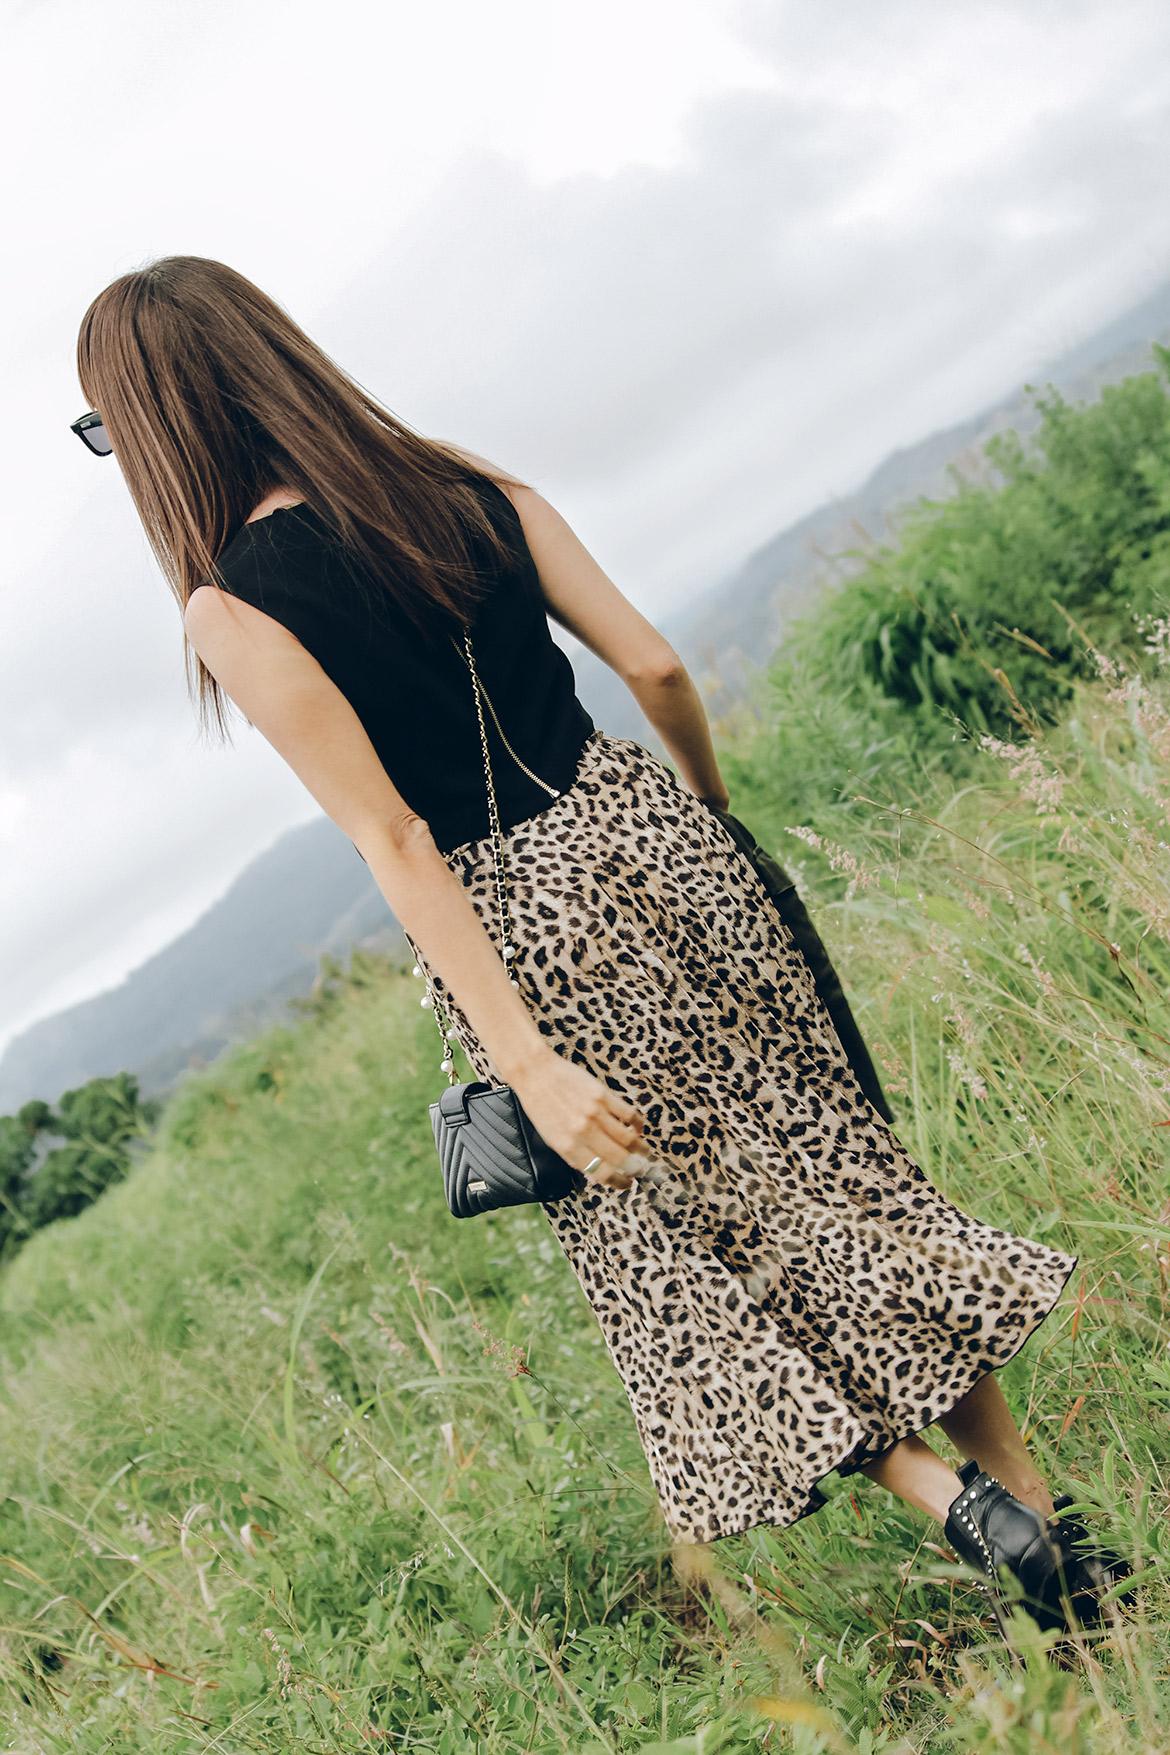 nuevo concepto 49926 7690d Falda midi con estampado de leopardo en look eclectico ...